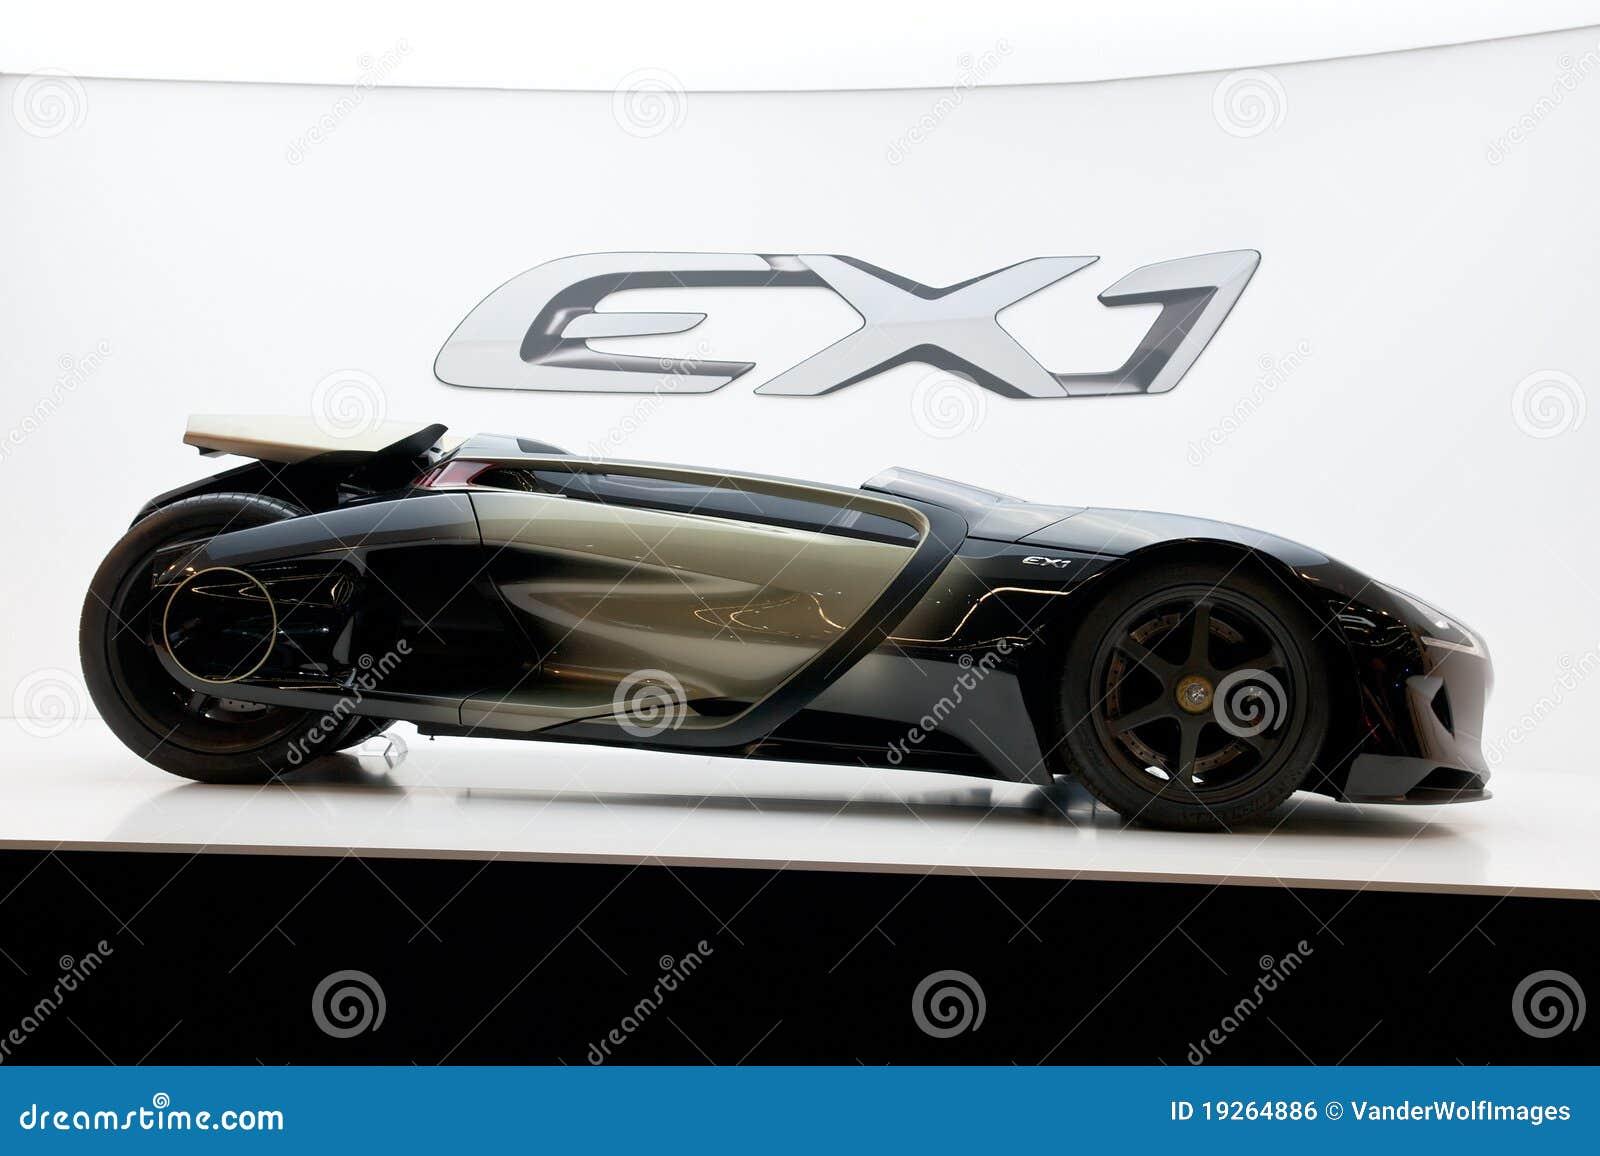 (1) Peugeot